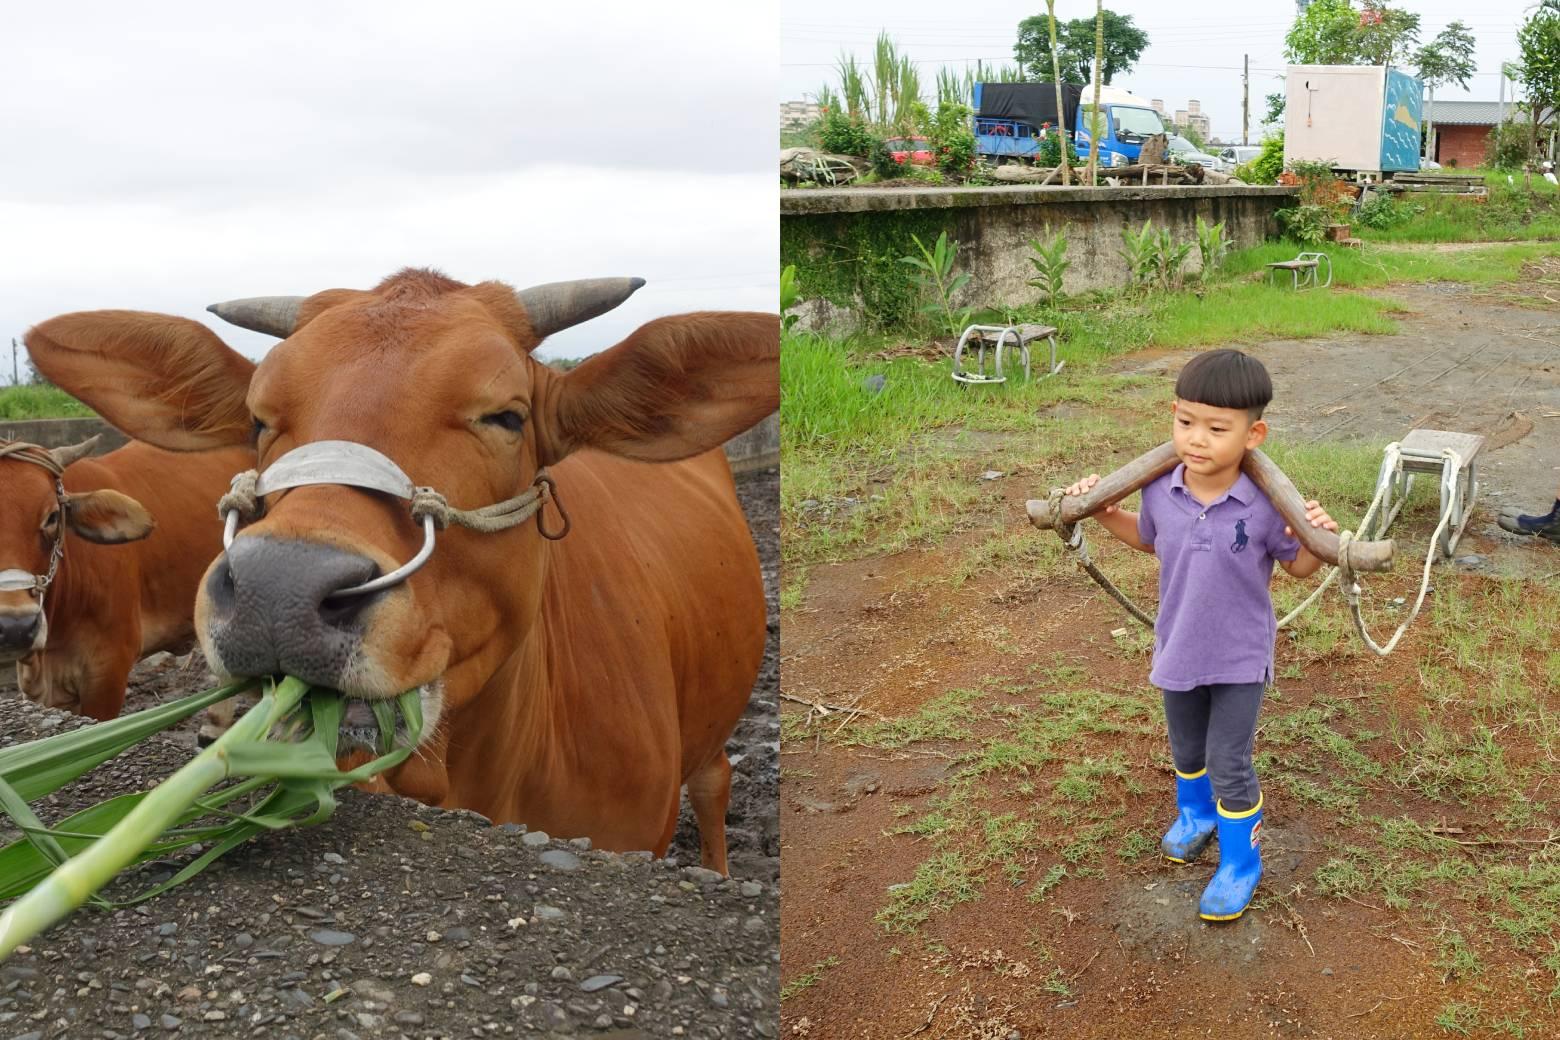 宜蘭壯圍【牛頭司】耕牛小學堂|宜蘭親子玩體驗|農耕體驗半日遊